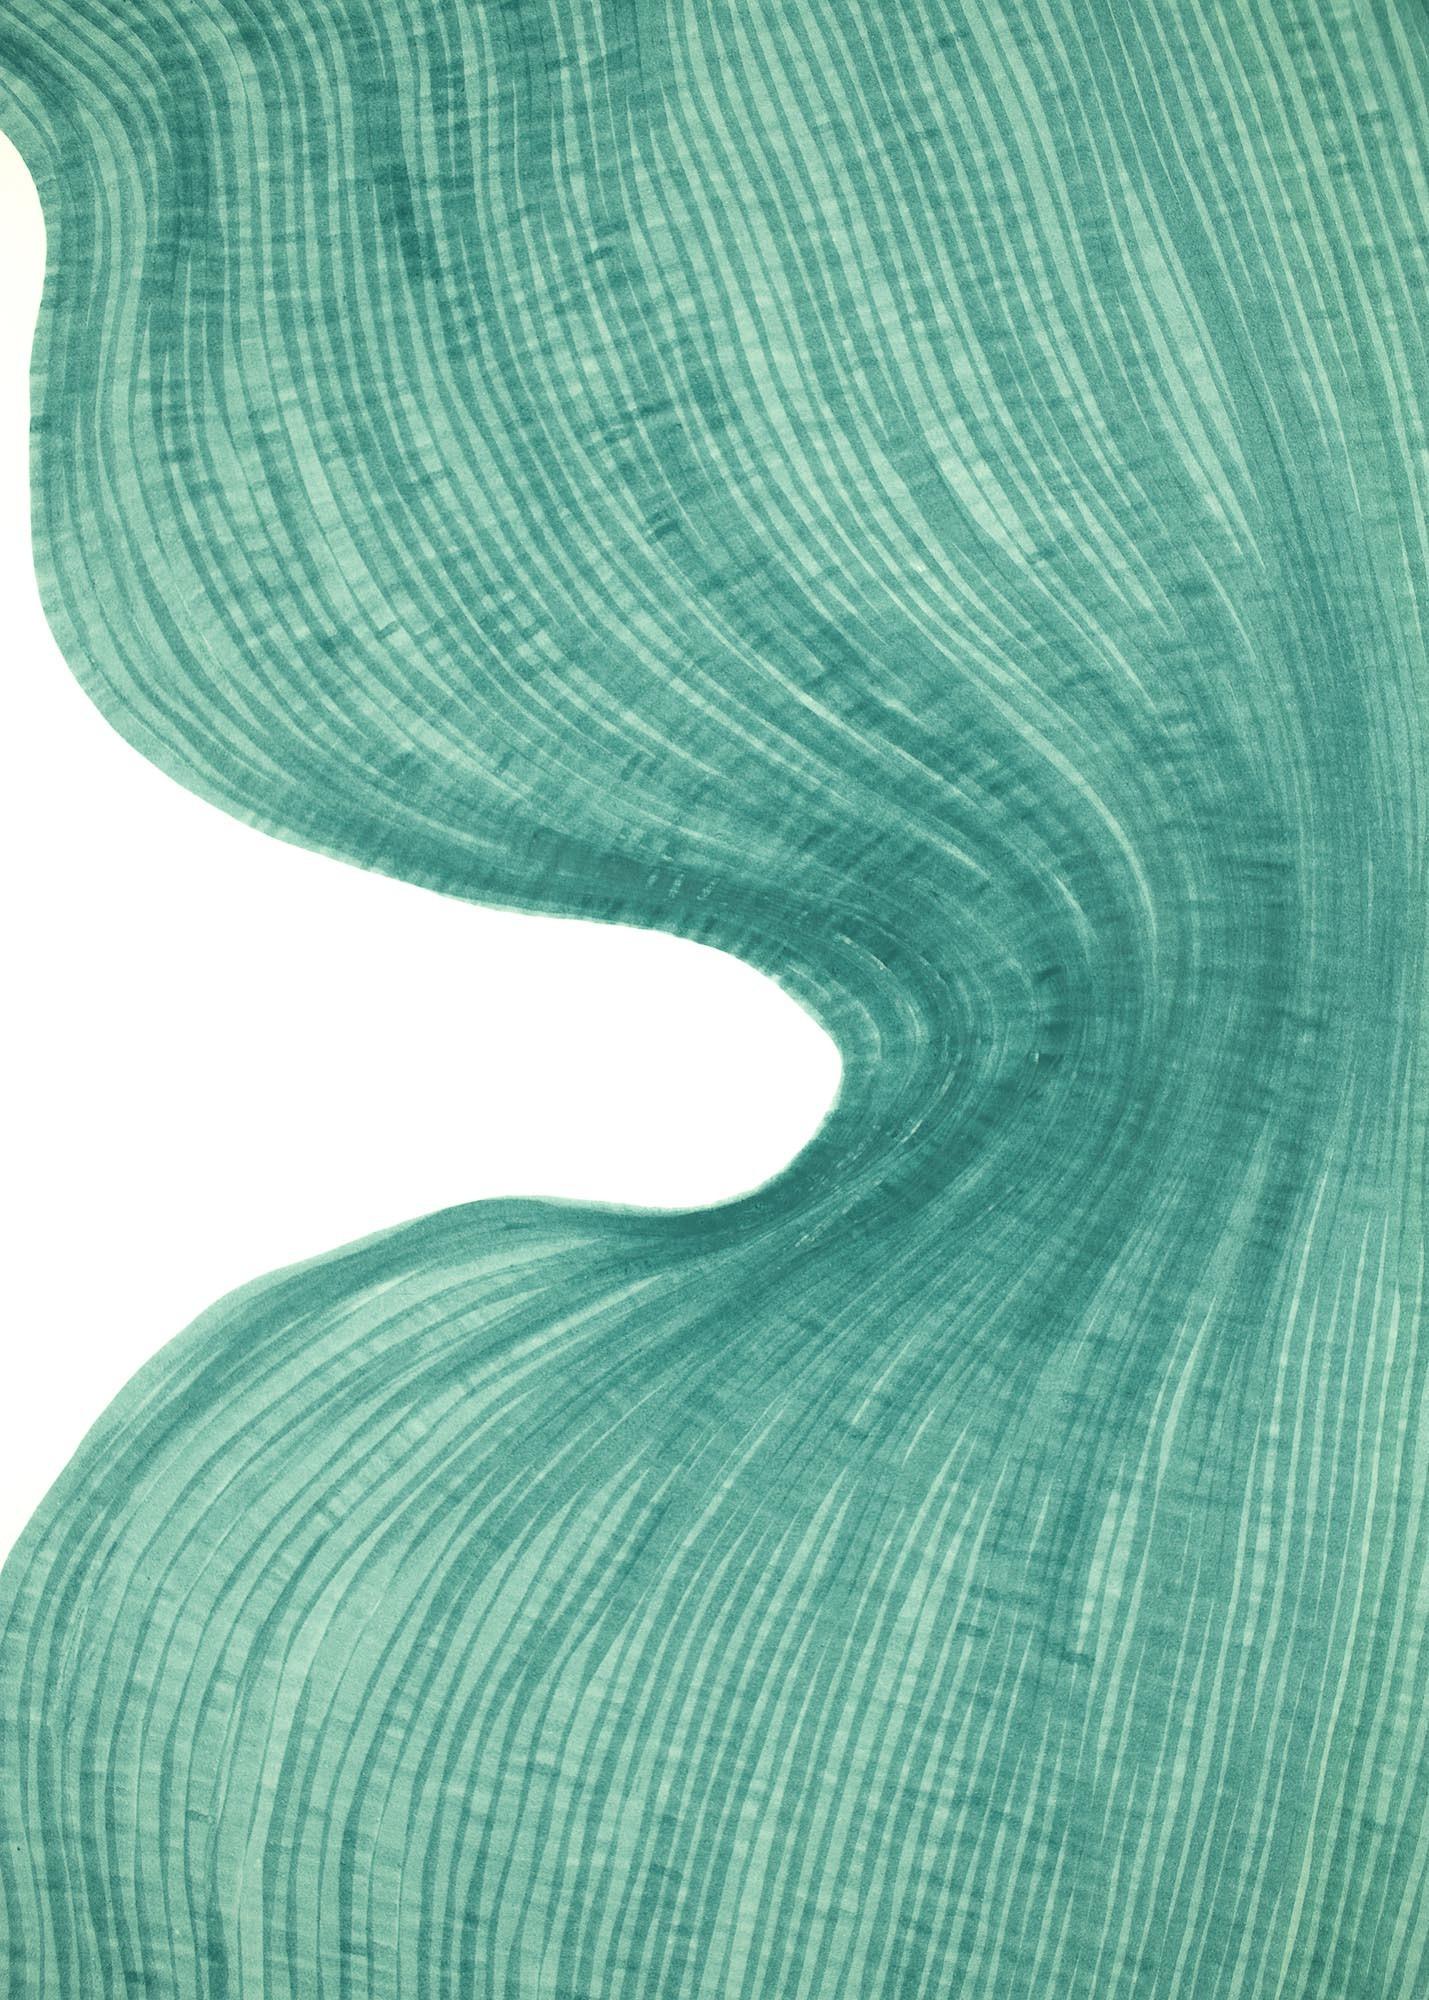 Icy Green | Lali Torma | Zeichnung | Kalligraphietusche auf Papier - 2